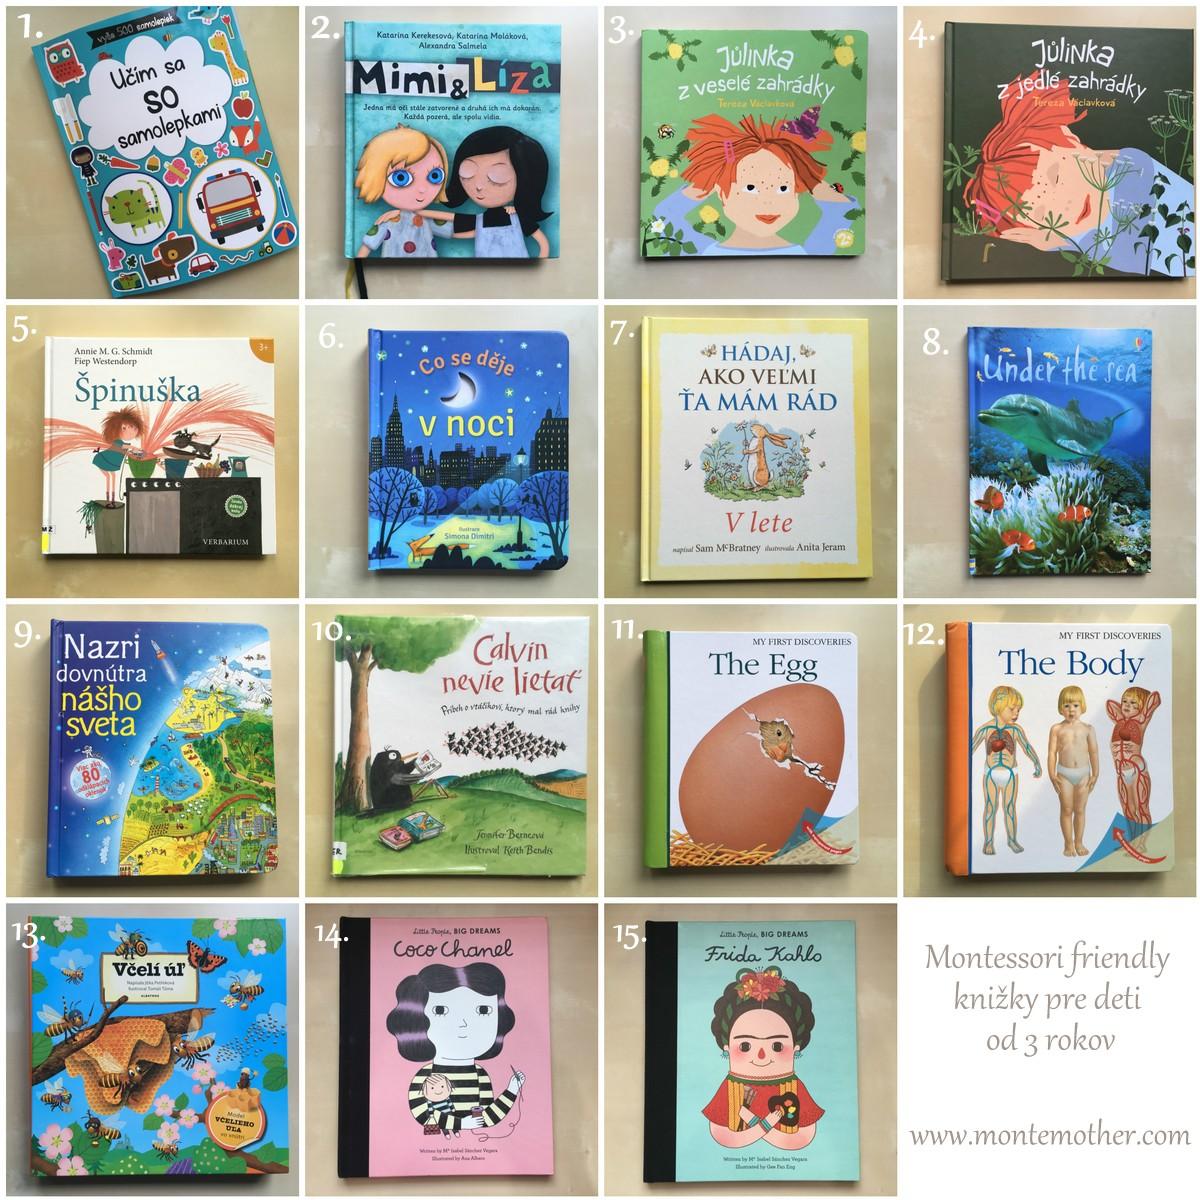 montessori knižky z našej poličky pre deti od 3 rokov